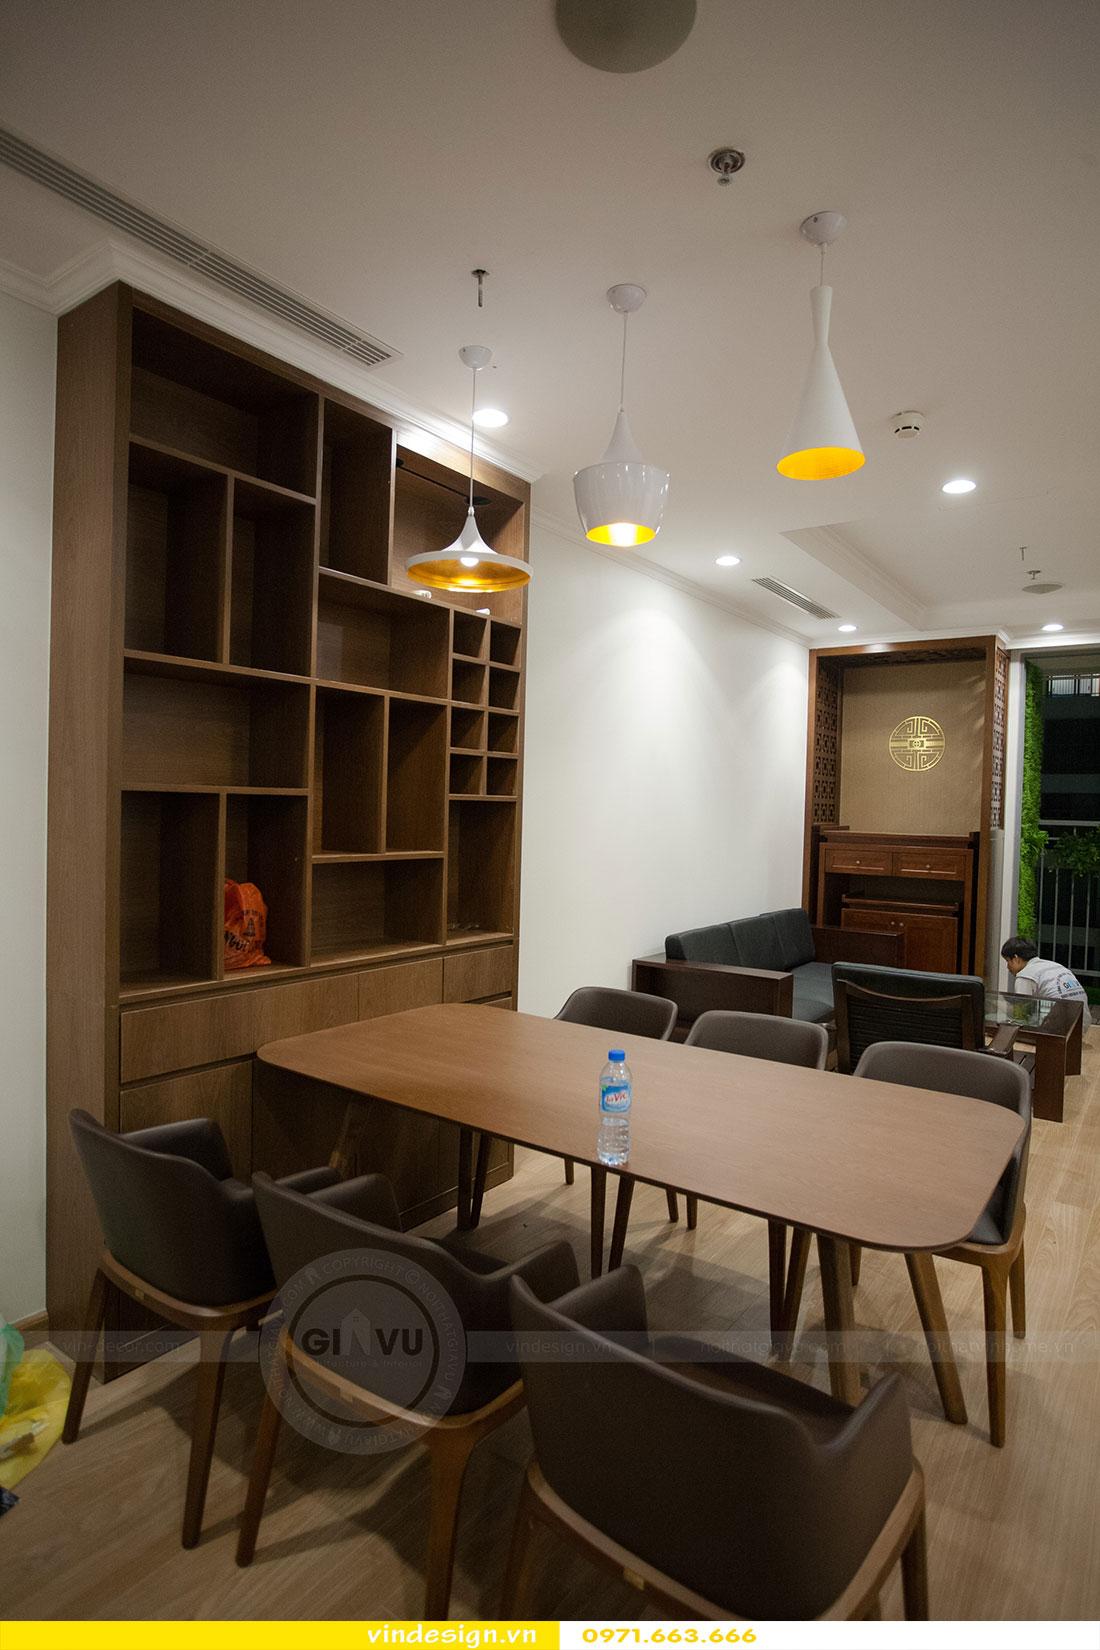 thi công nội thất chung cư tại Hà Nội nội thất Vindesign 07